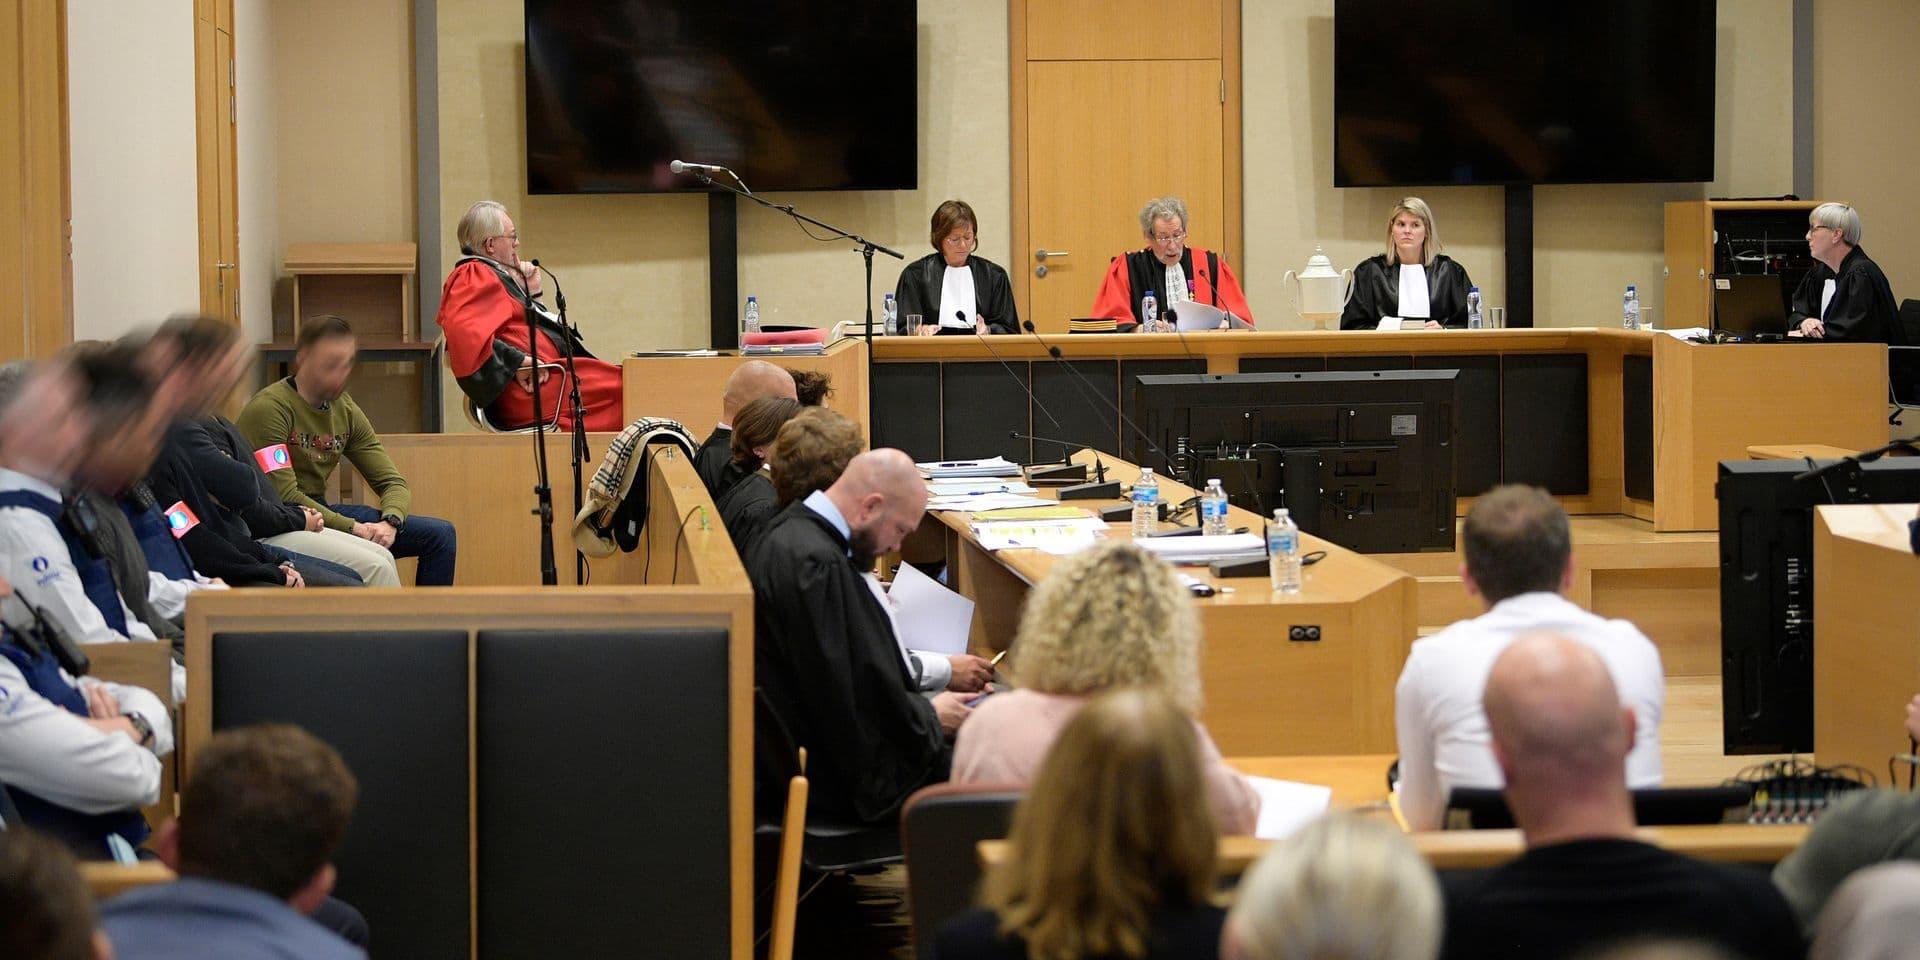 Shane Ronge condamné à la perpétuité et Brian van Geene à 25 ans de prison pour le meurtre de Hilmi Gedik